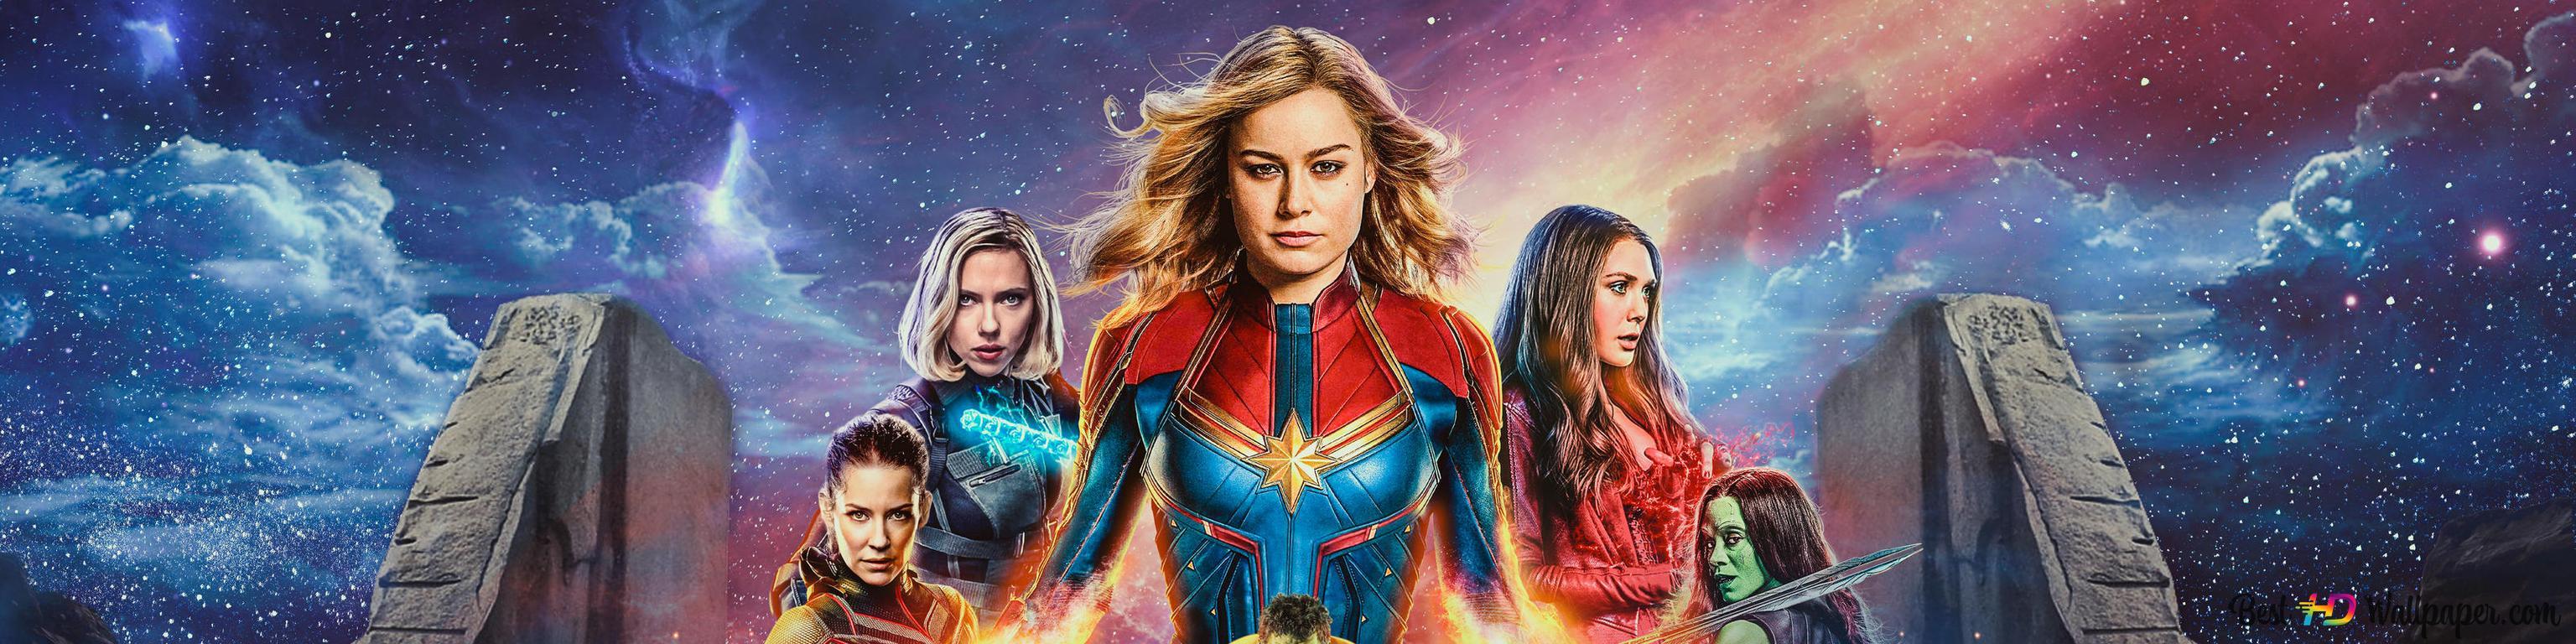 Avengers Endgame Dual Screen Wallpaper Muharram X